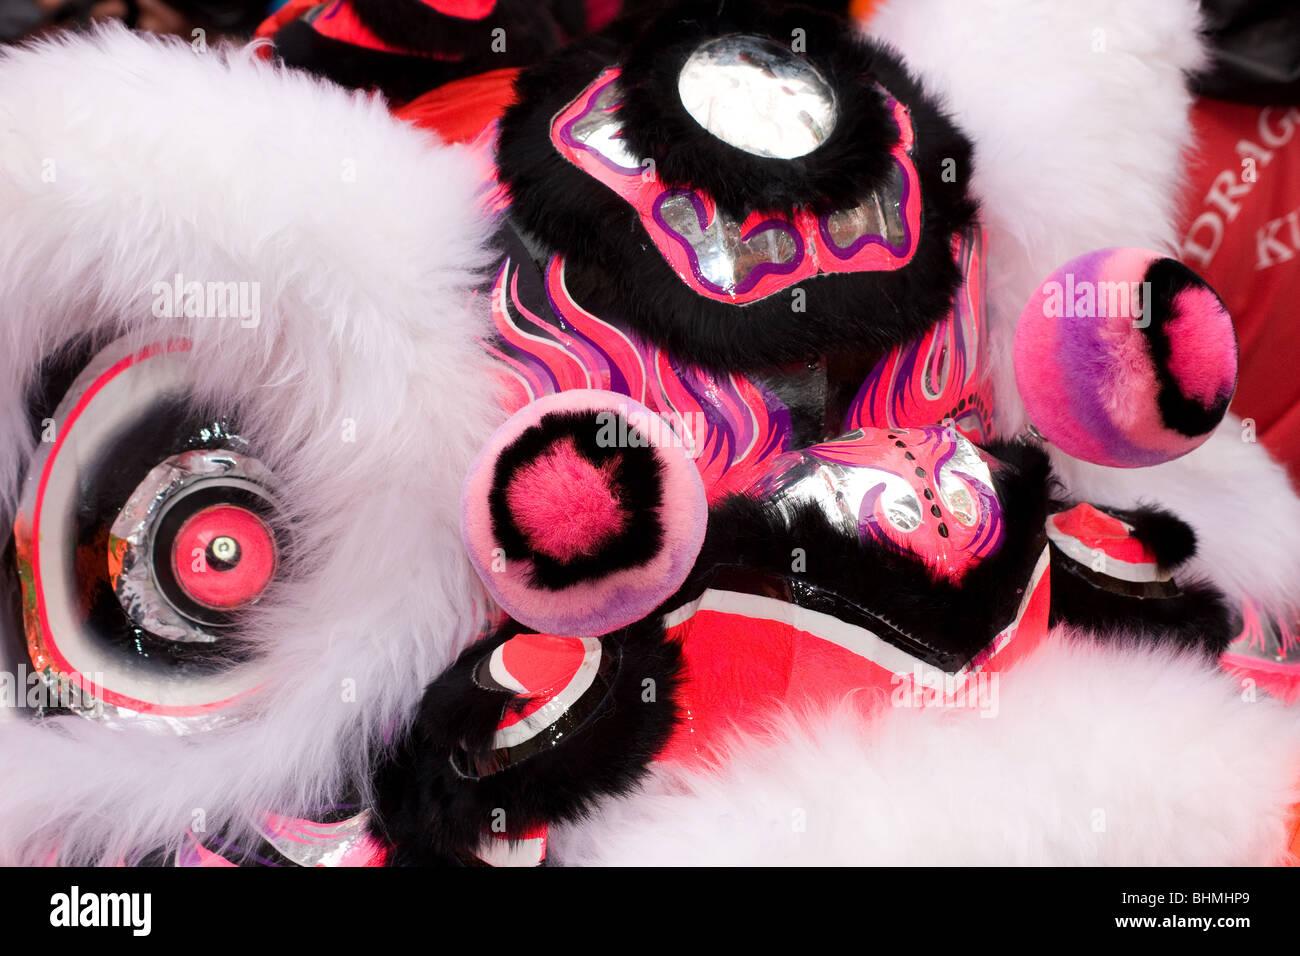 Chinese New Year celebrations , Year of the Tiger, Soho, London, UK - Stock Image